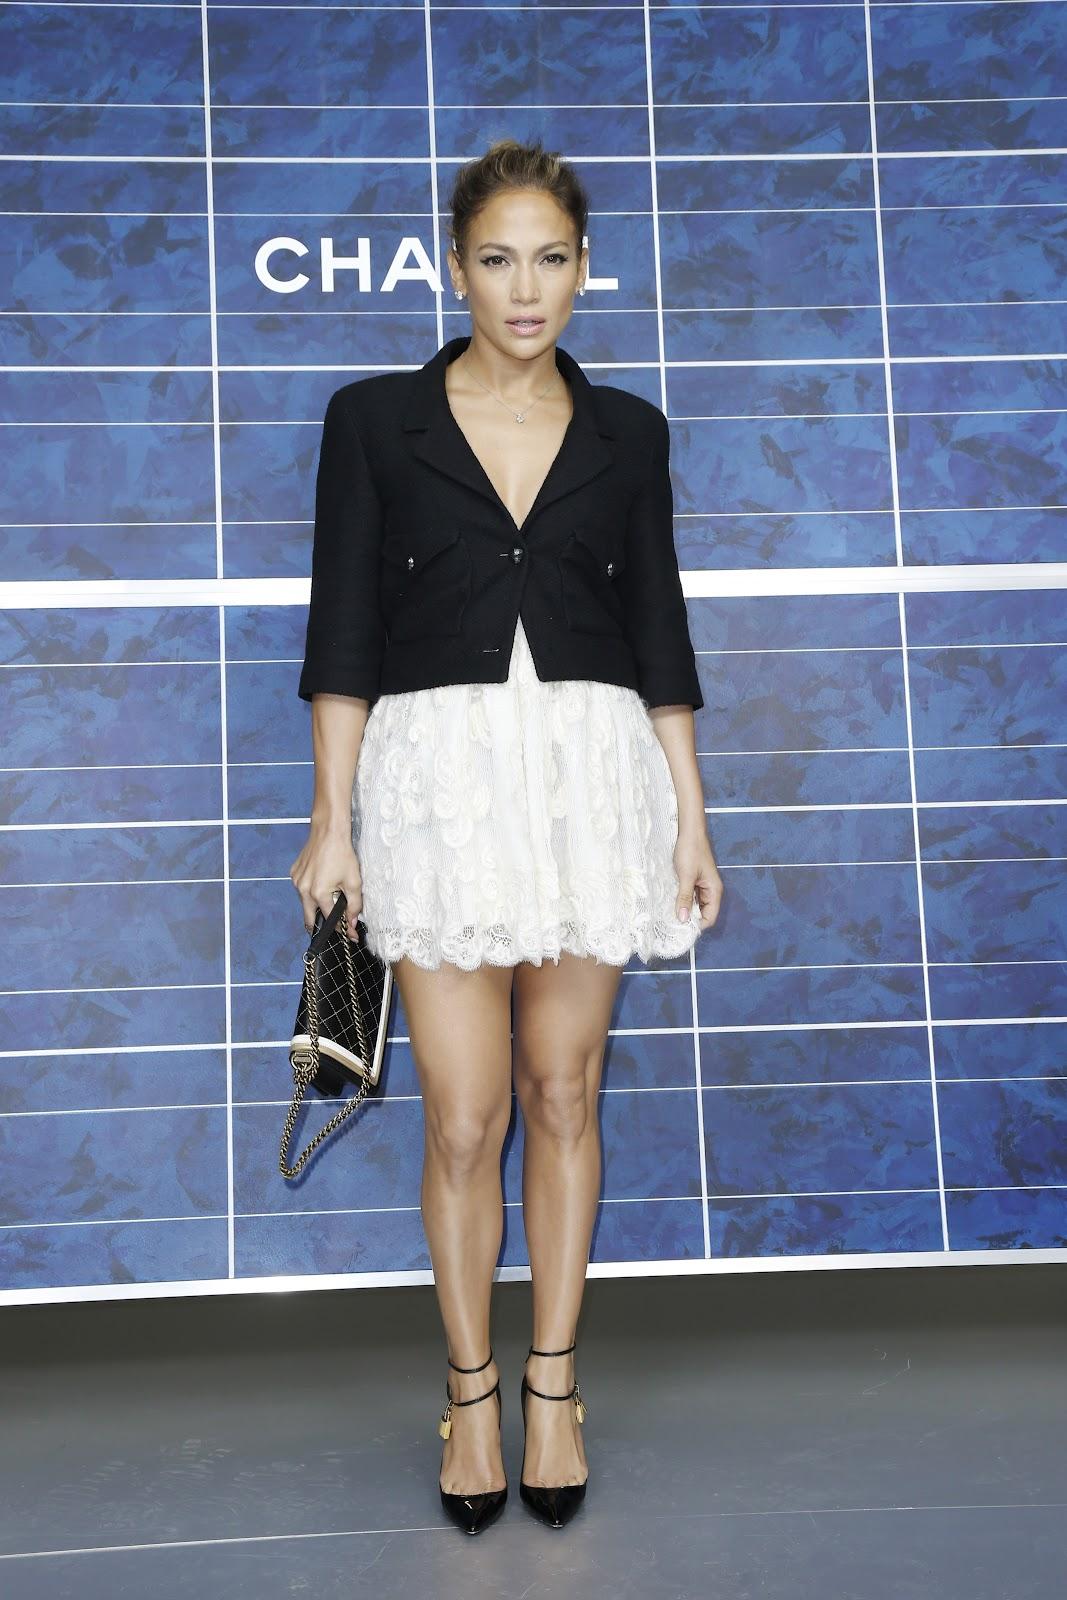 http://3.bp.blogspot.com/-0EQ_3YJQL9c/UGrscPeq-zI/AAAAAAAAP5g/QuR8kqOGxXs/s1600/Jennifer+Lopez++October+2012+%27Chanel%27+Fashion+Show+-+03.jpg